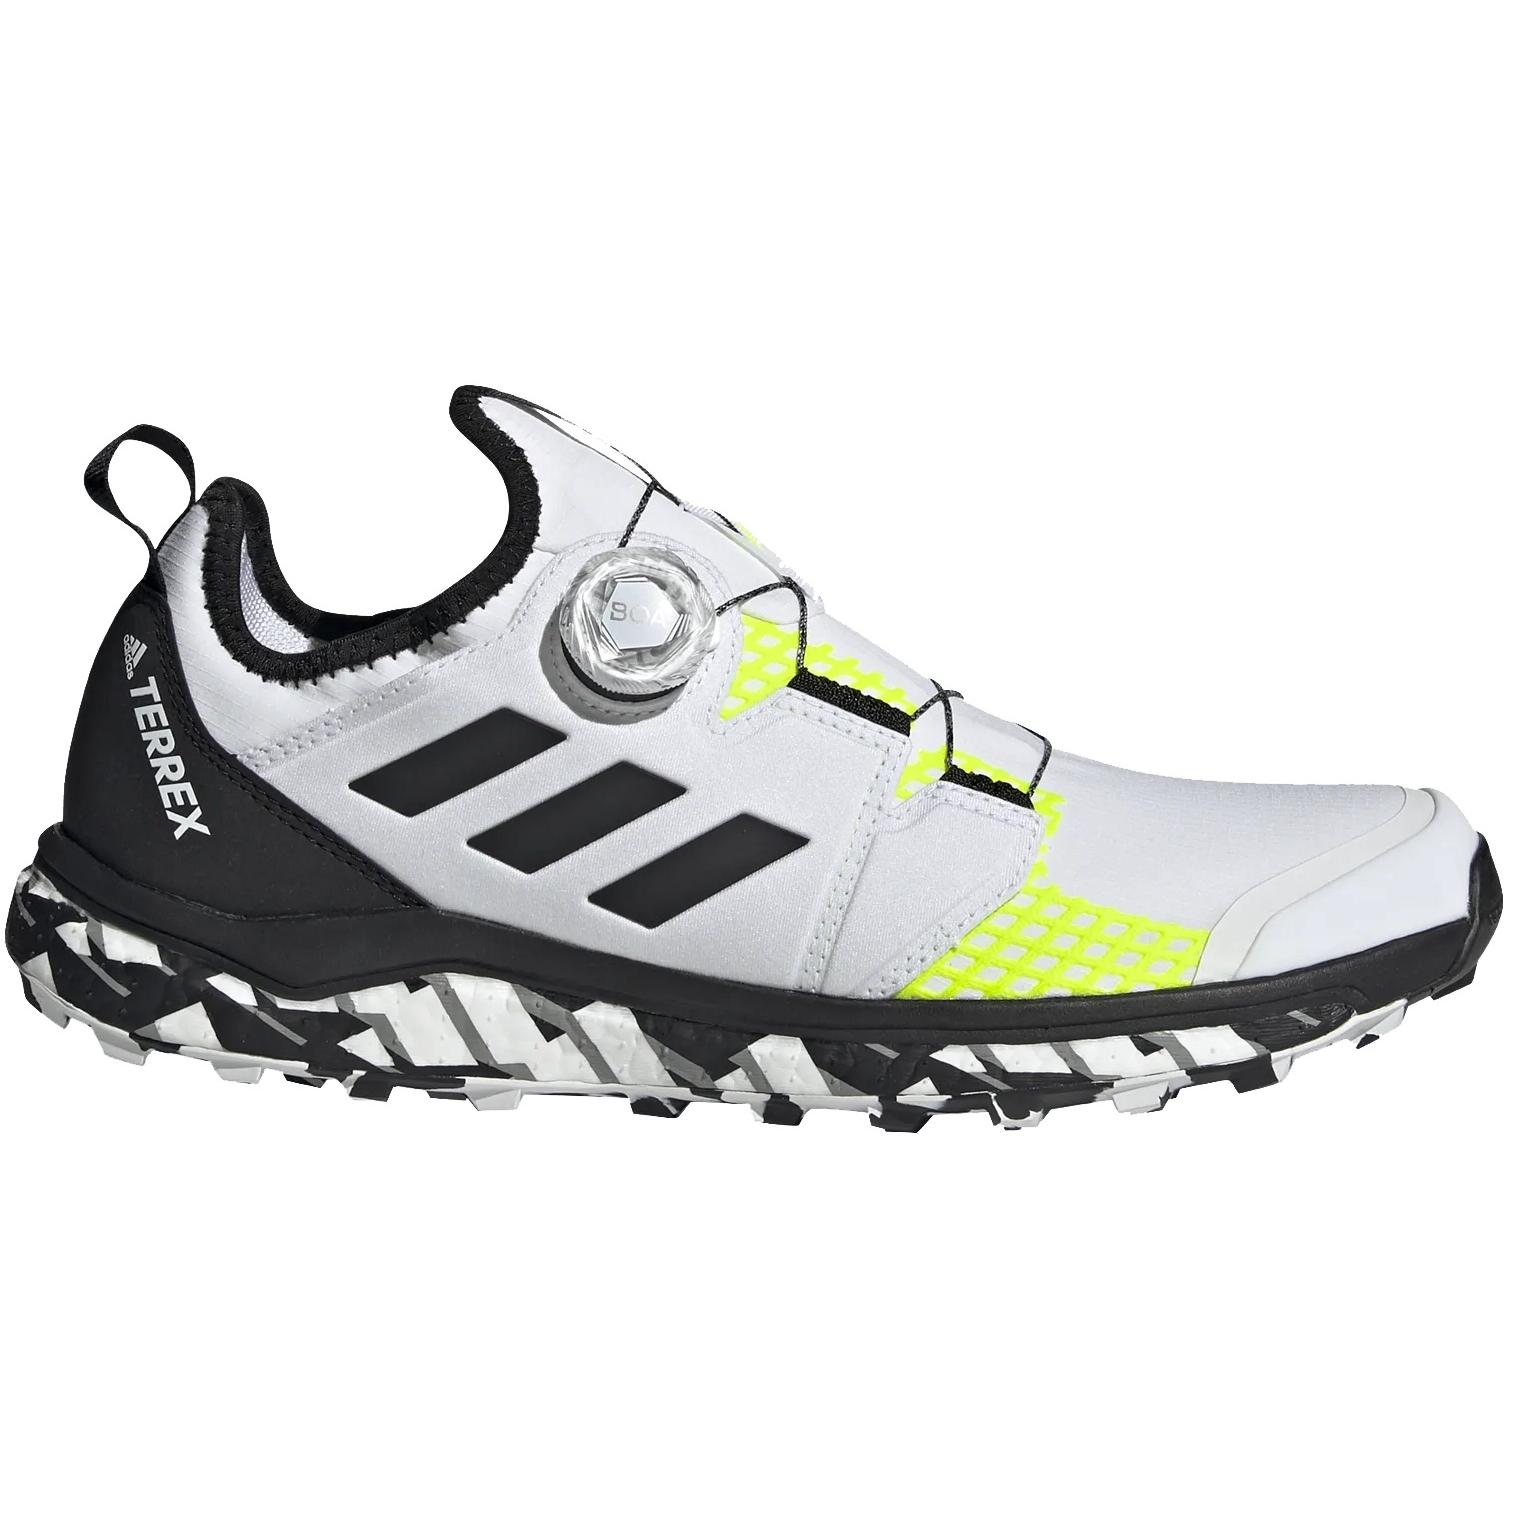 adidas TERREX Agravic Boa Trail Running Zapatillas para Hombre - non dyed/core black/solar yellow FY9456